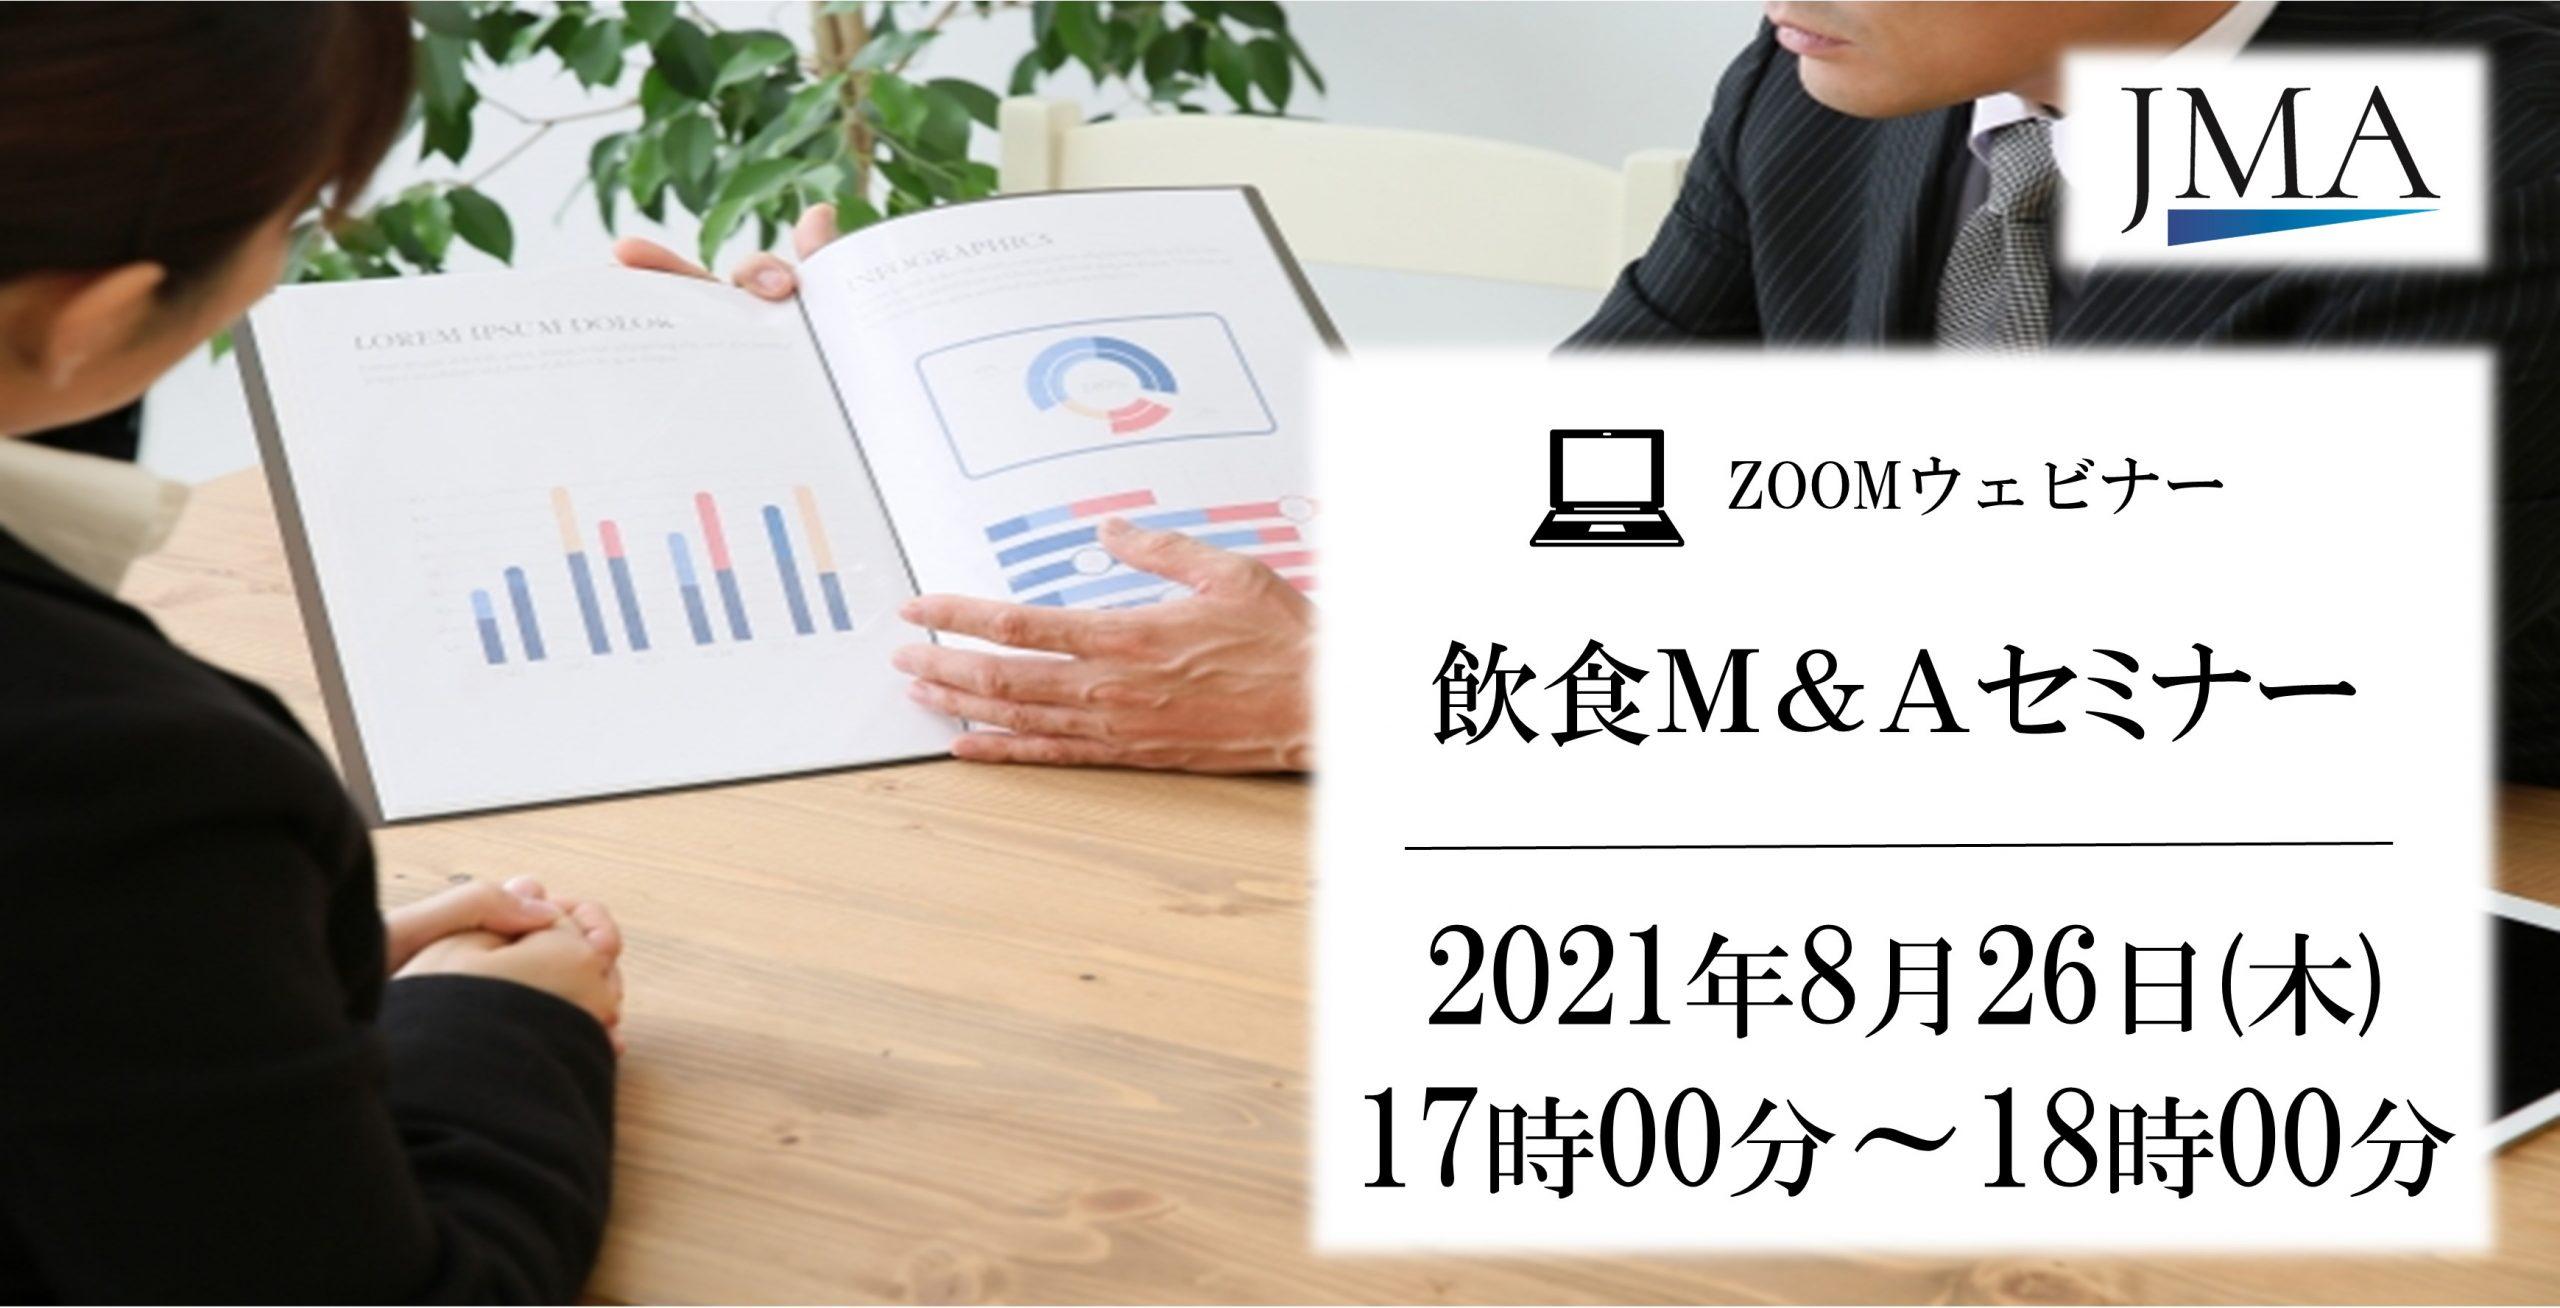 2021年8月 飲食M&Aセミナー「飲食M&Aの活用」